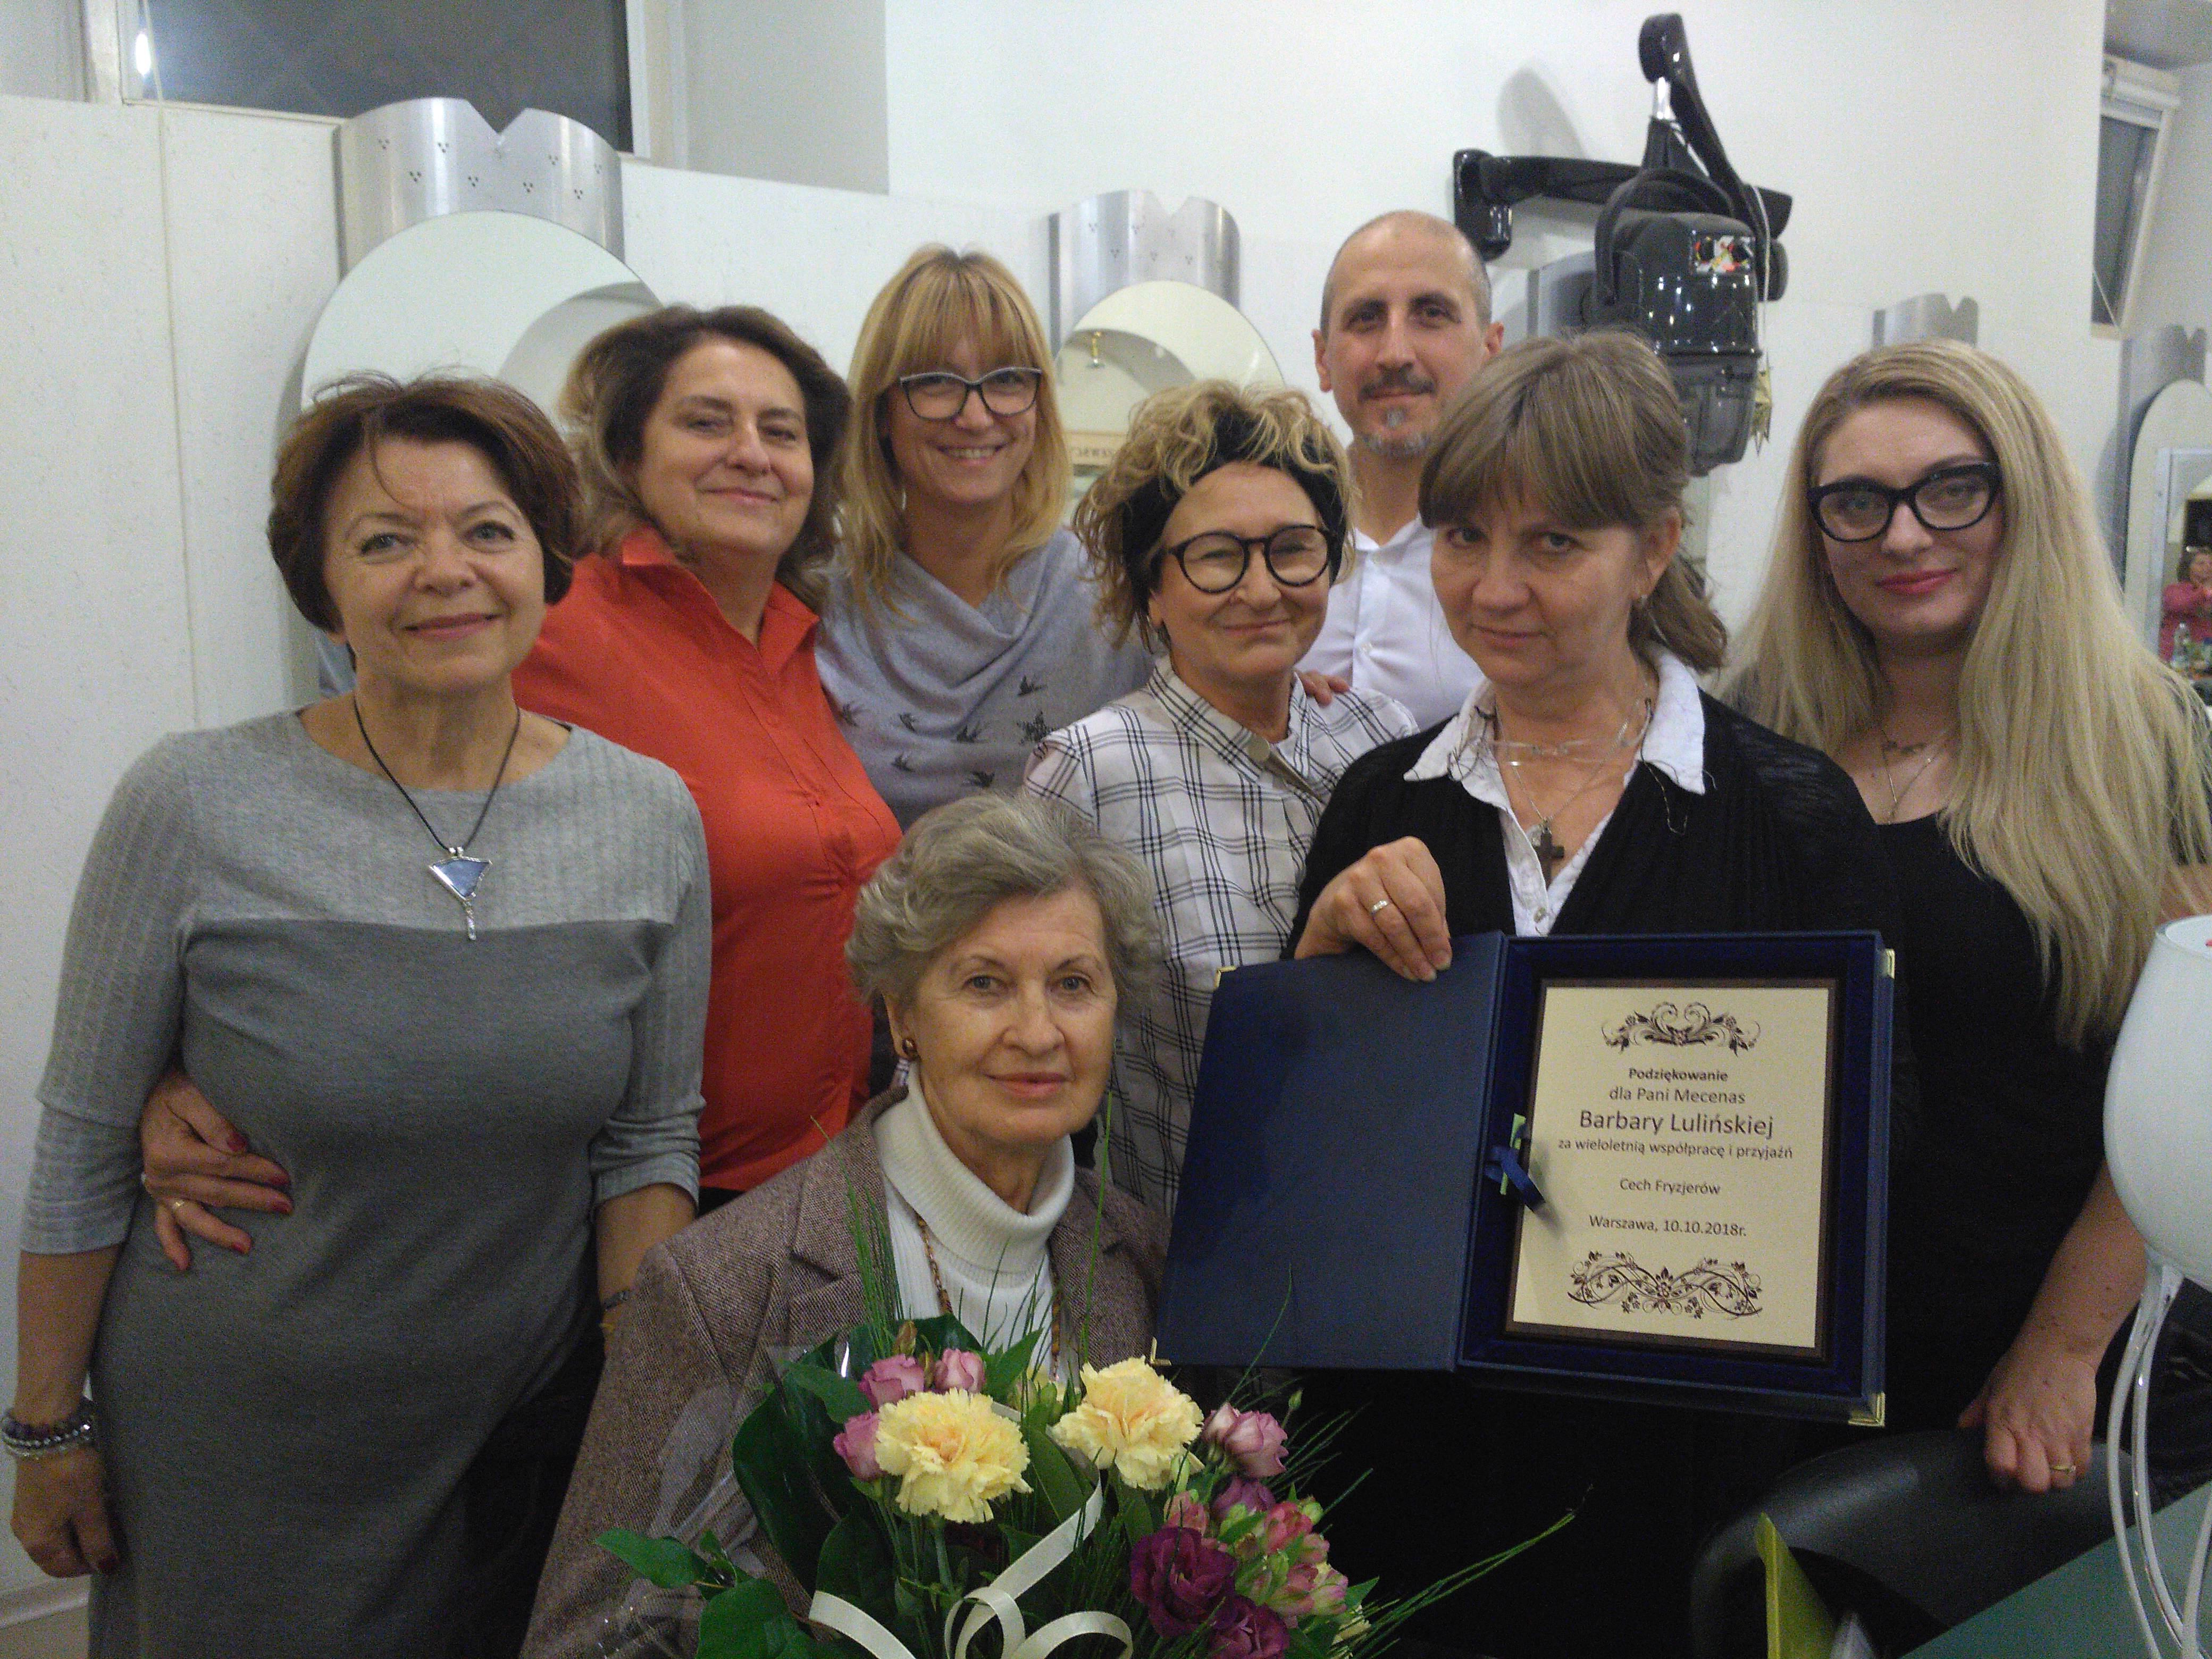 podziękowanie za wieloletnią współpracę Pani Mecenas Lulińskiej